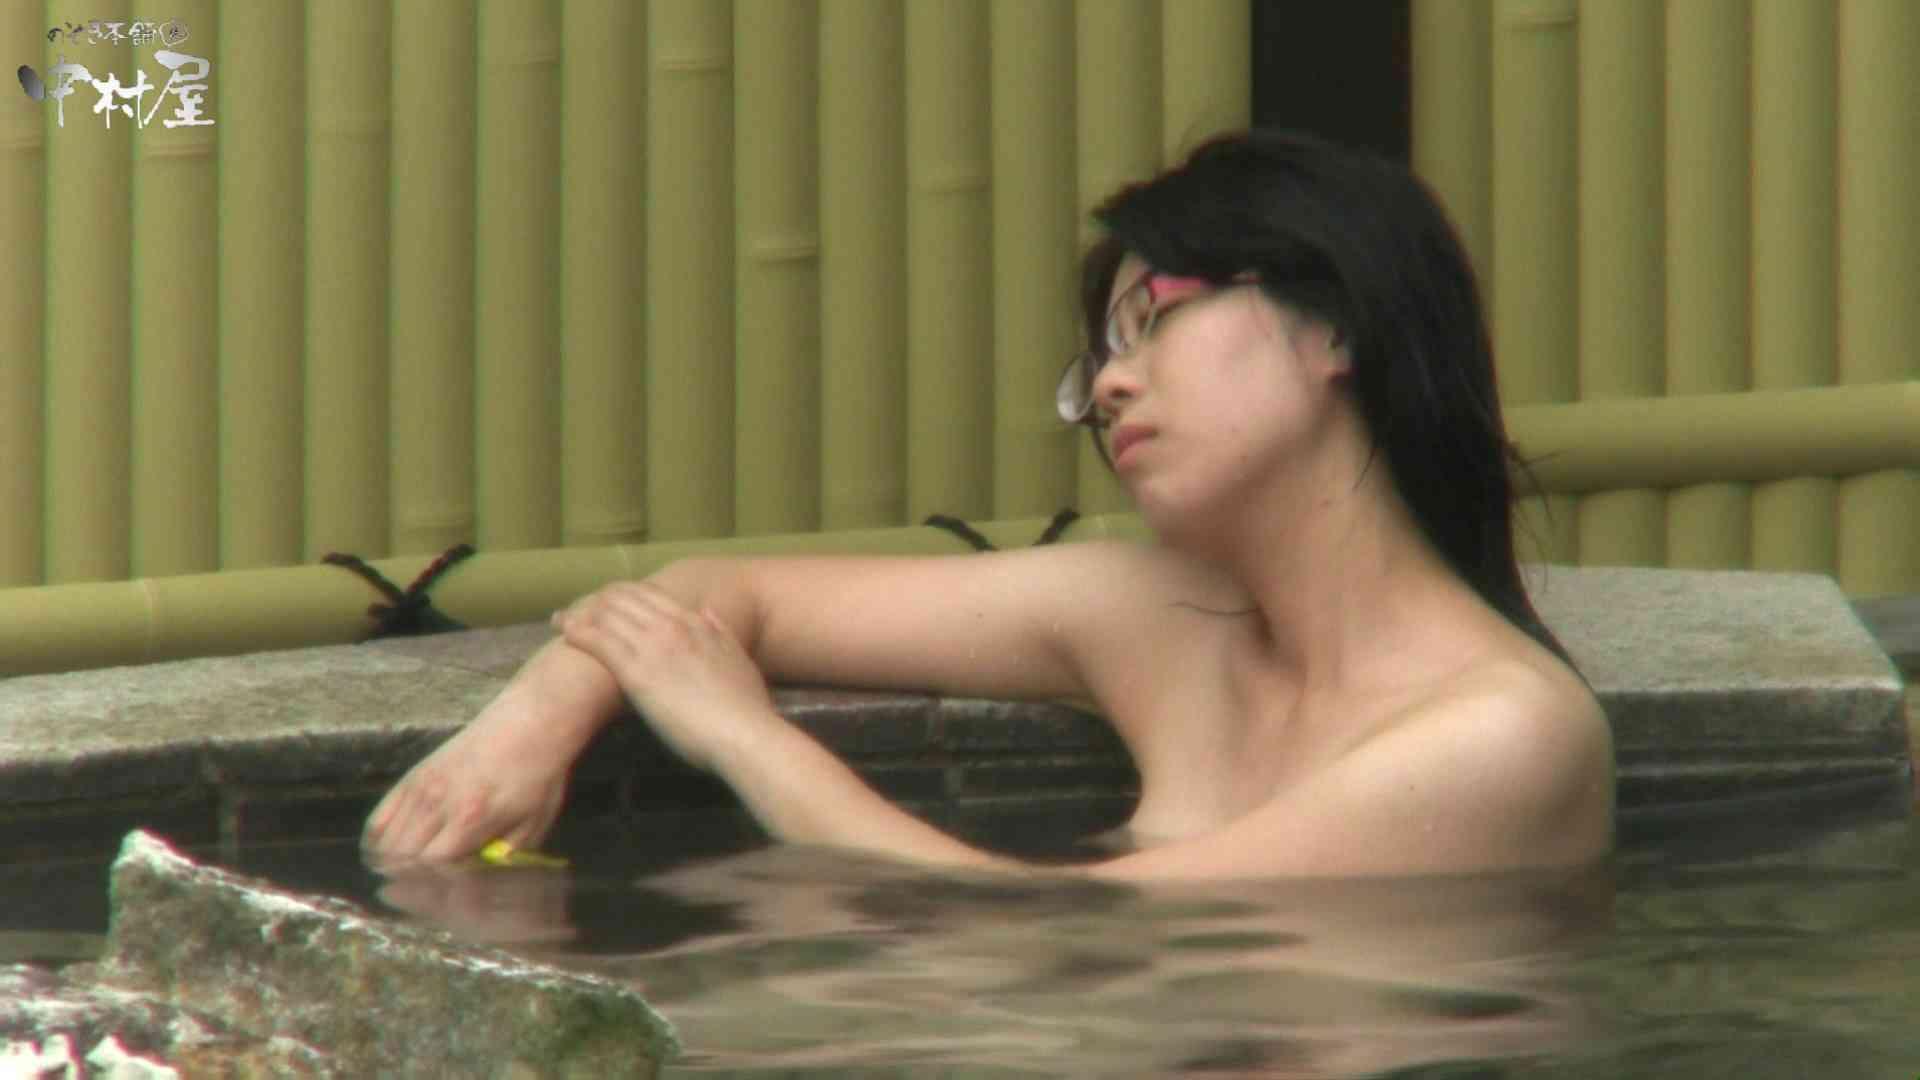 Aquaな露天風呂Vol.947 露天   盗撮  111枚 106